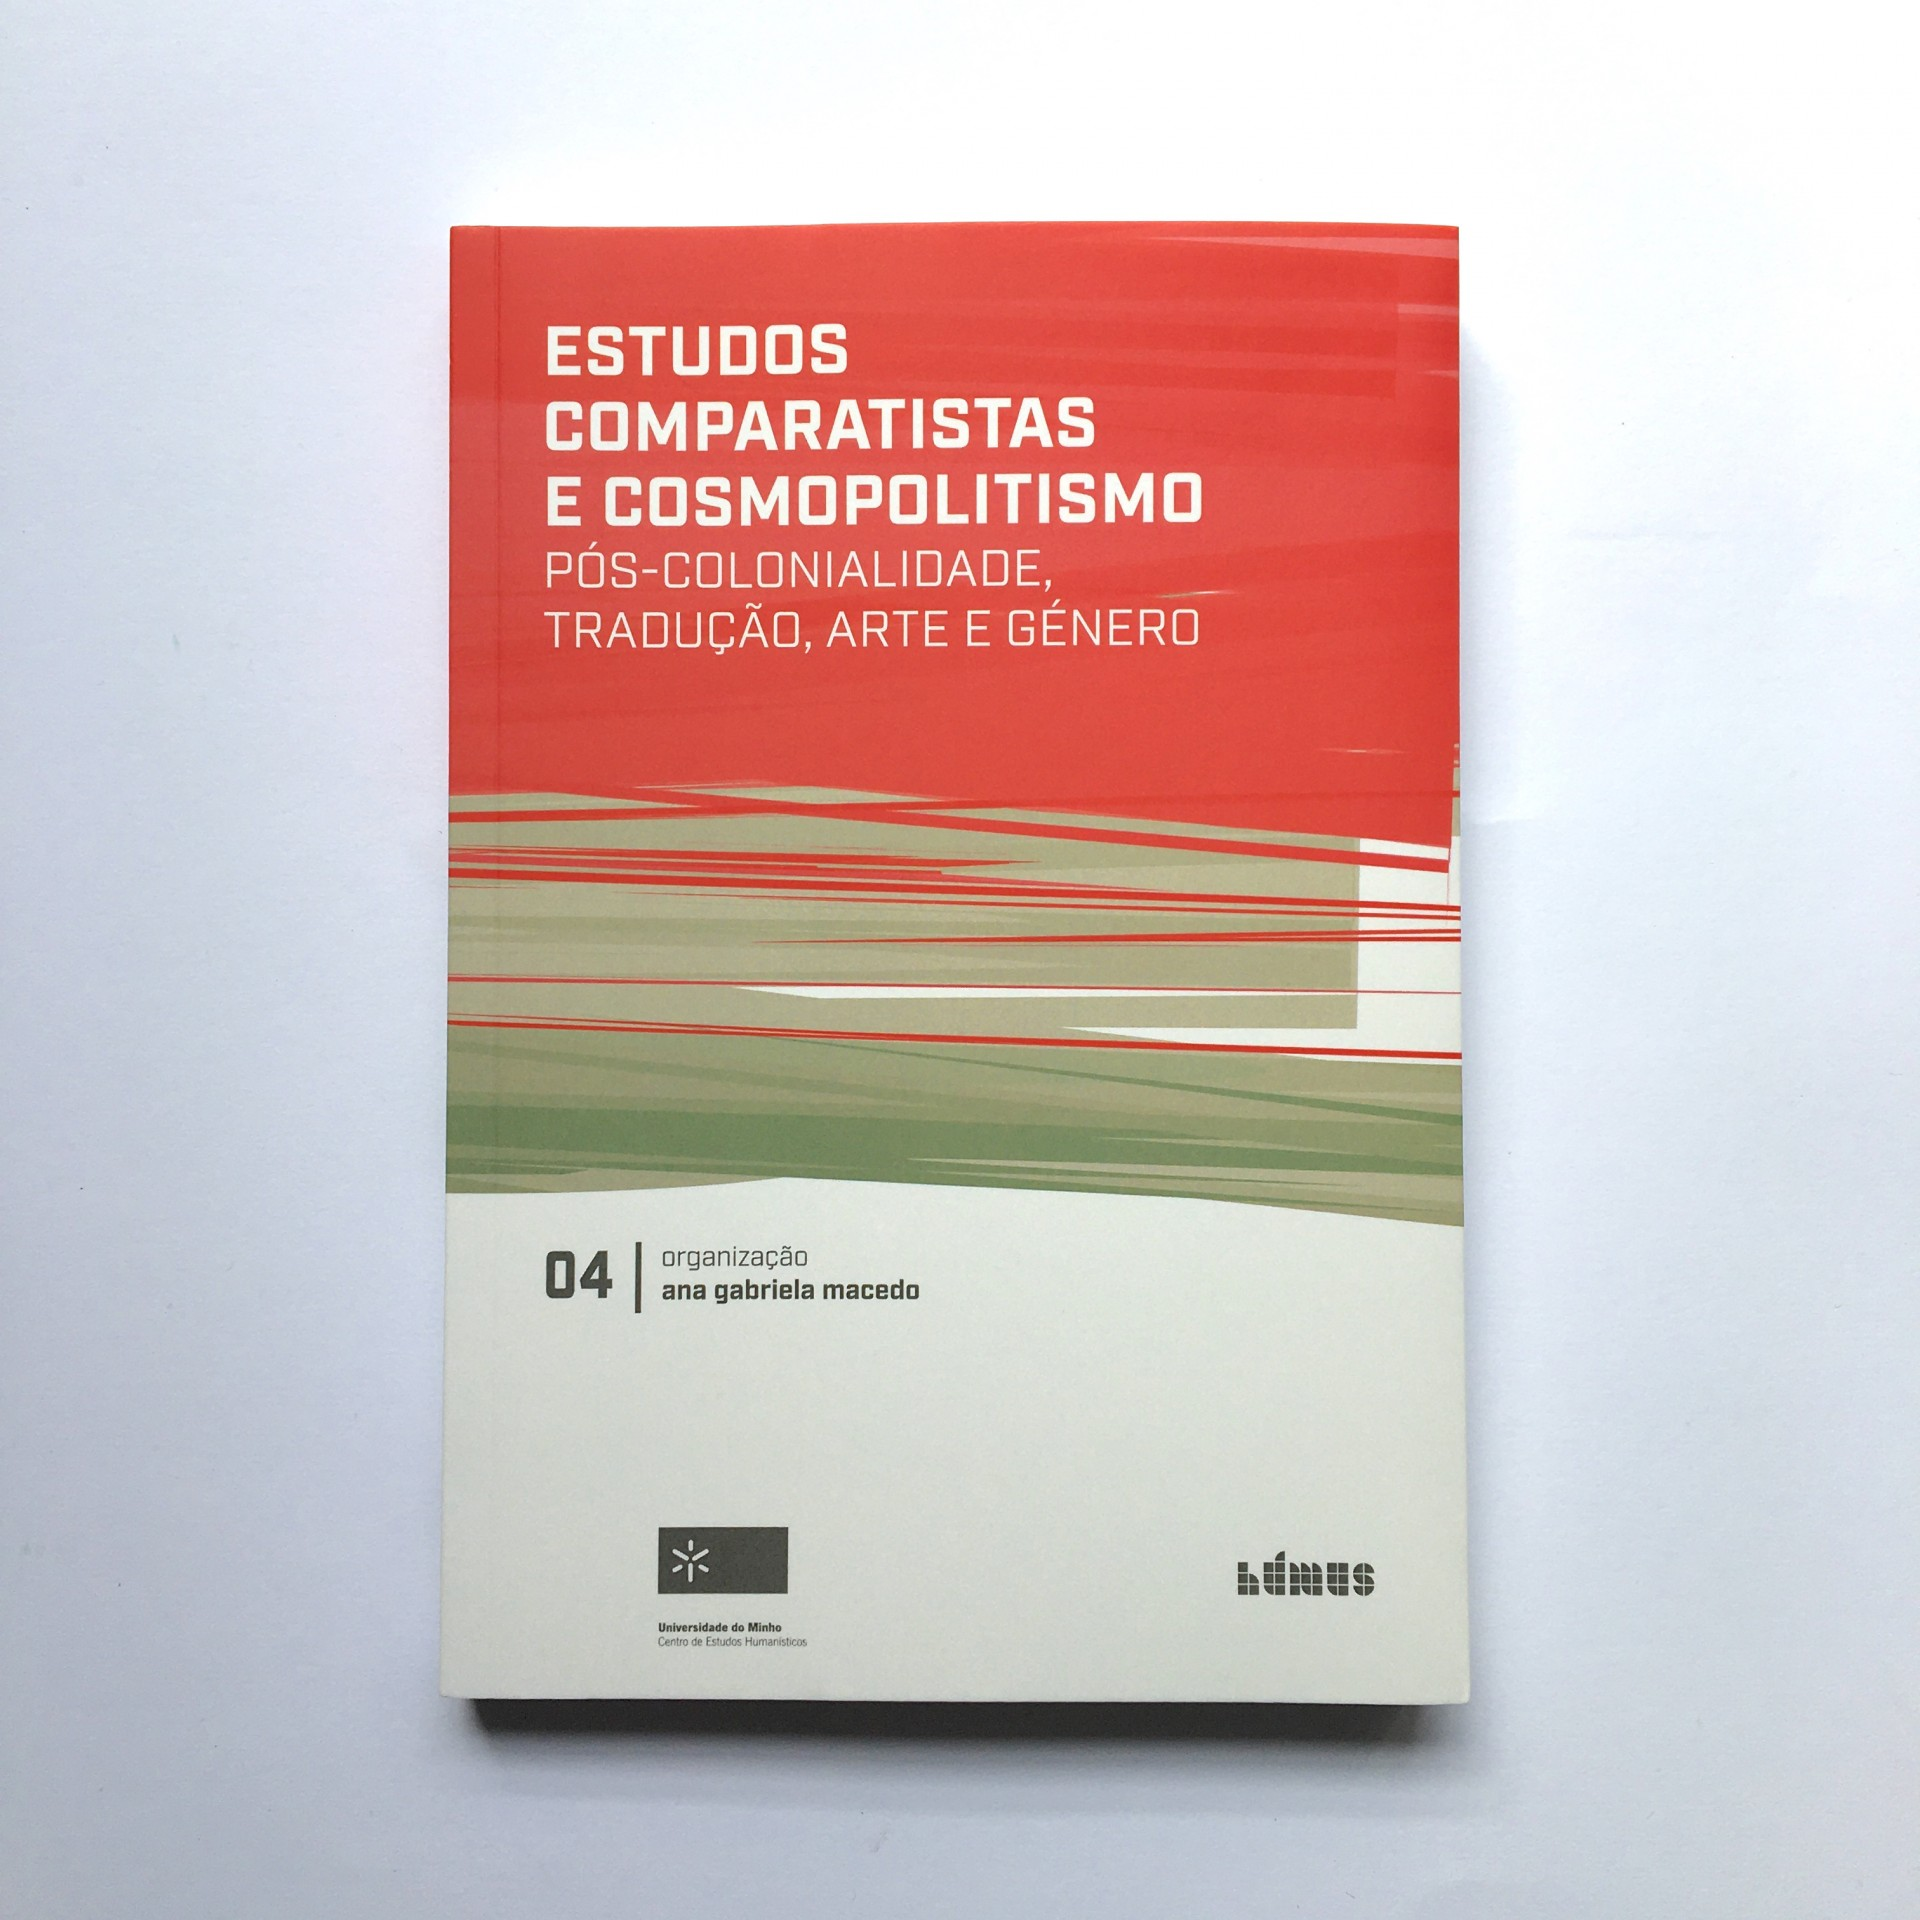 Estudos Comparatistas e Cosmopolitismo - Pós-colonialidade, Tradução, Arte e Género